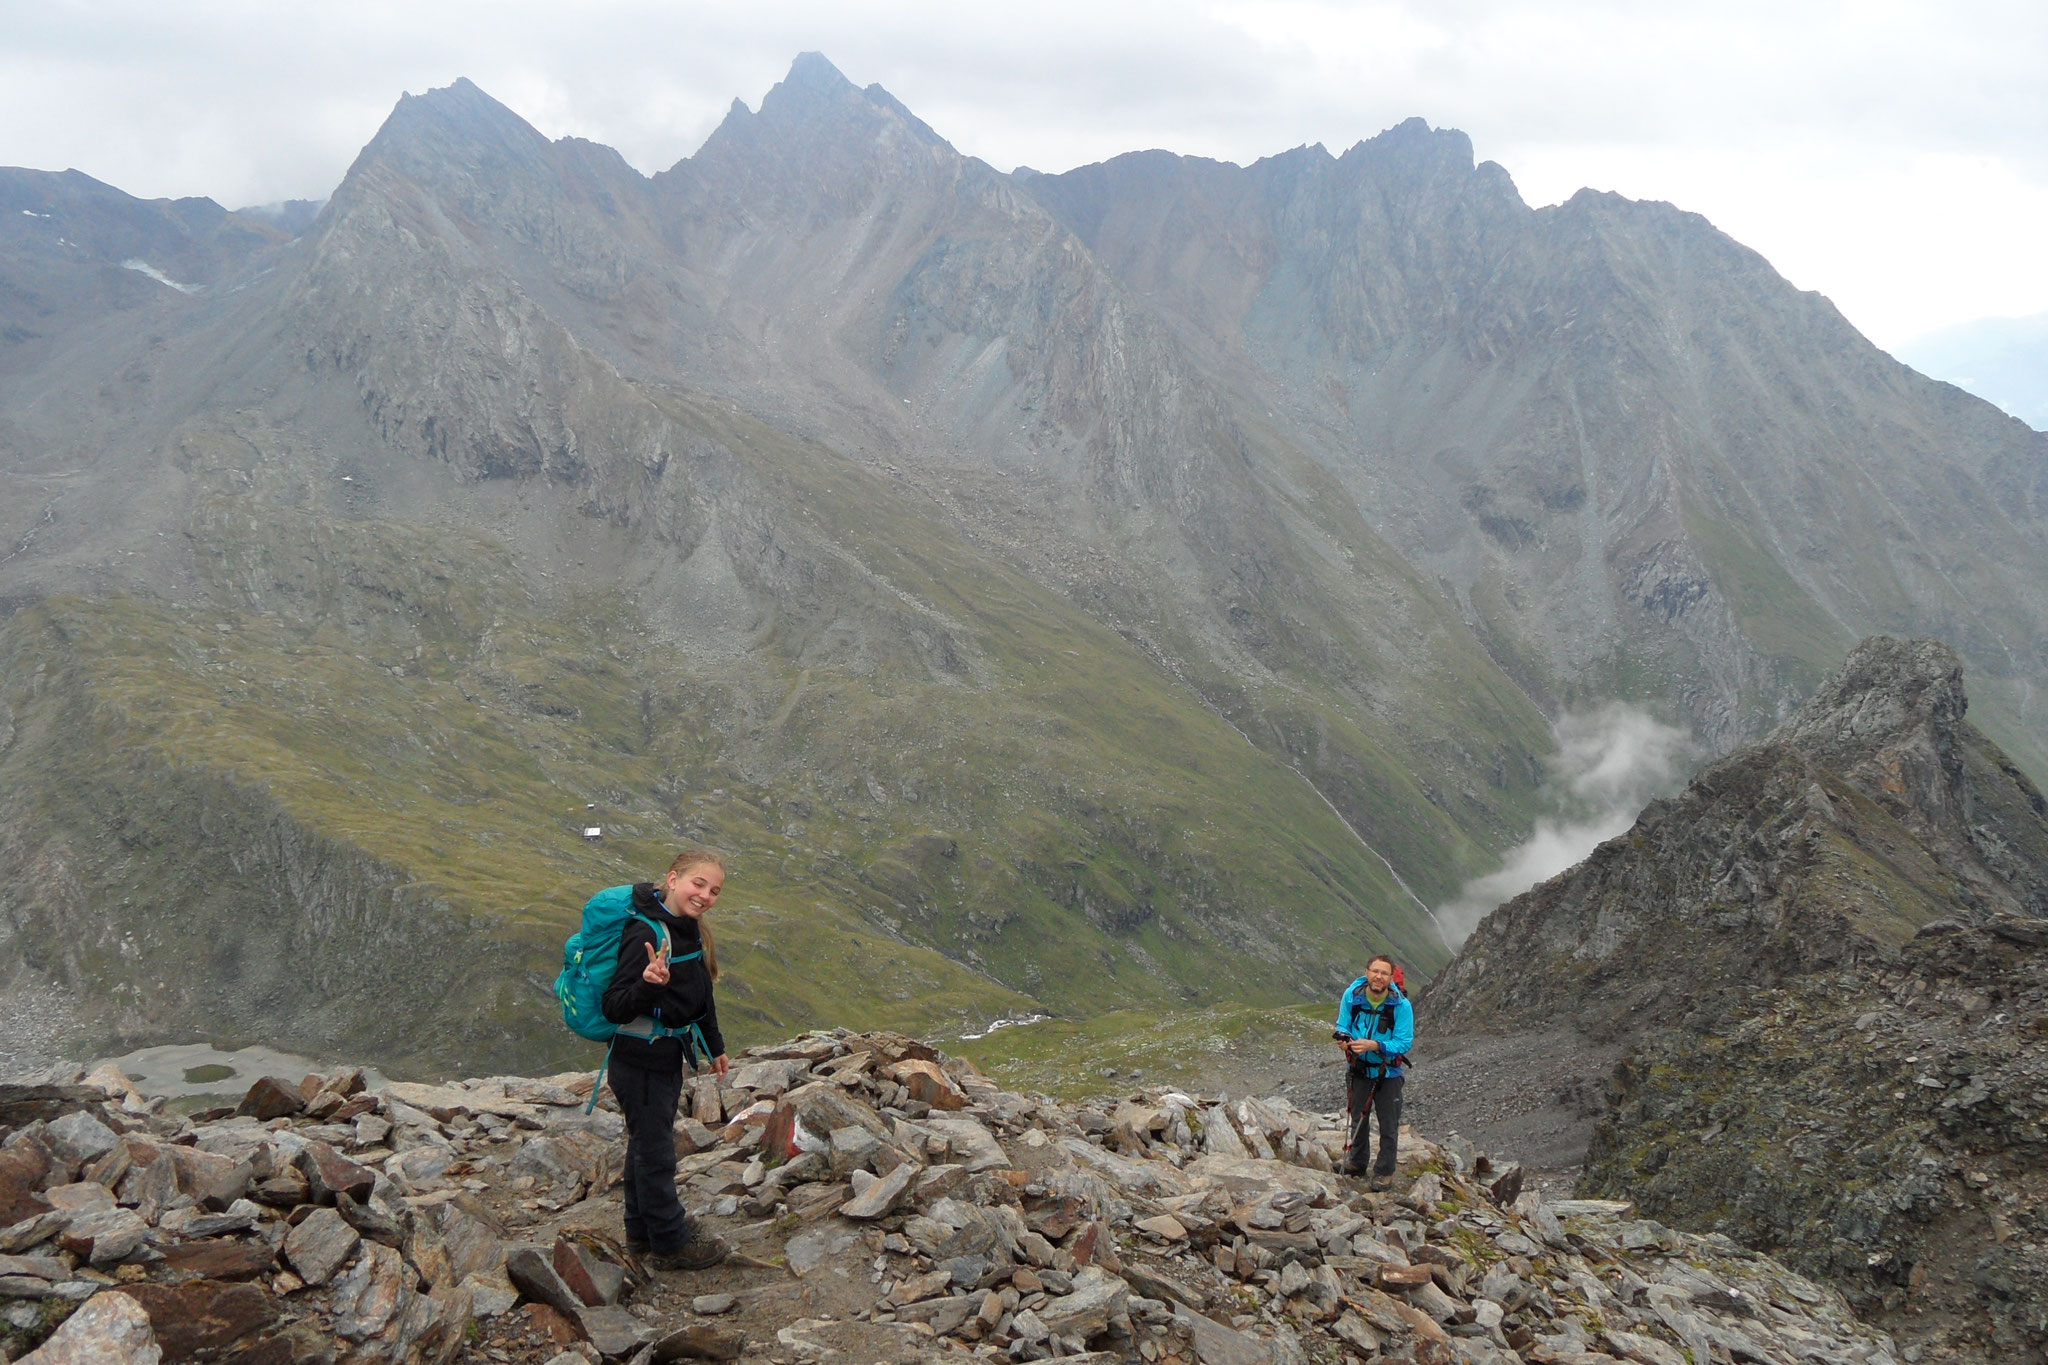 Der Blick zurück mit der Eisseehütte ganz klein, es war ein steiler Anstieg.